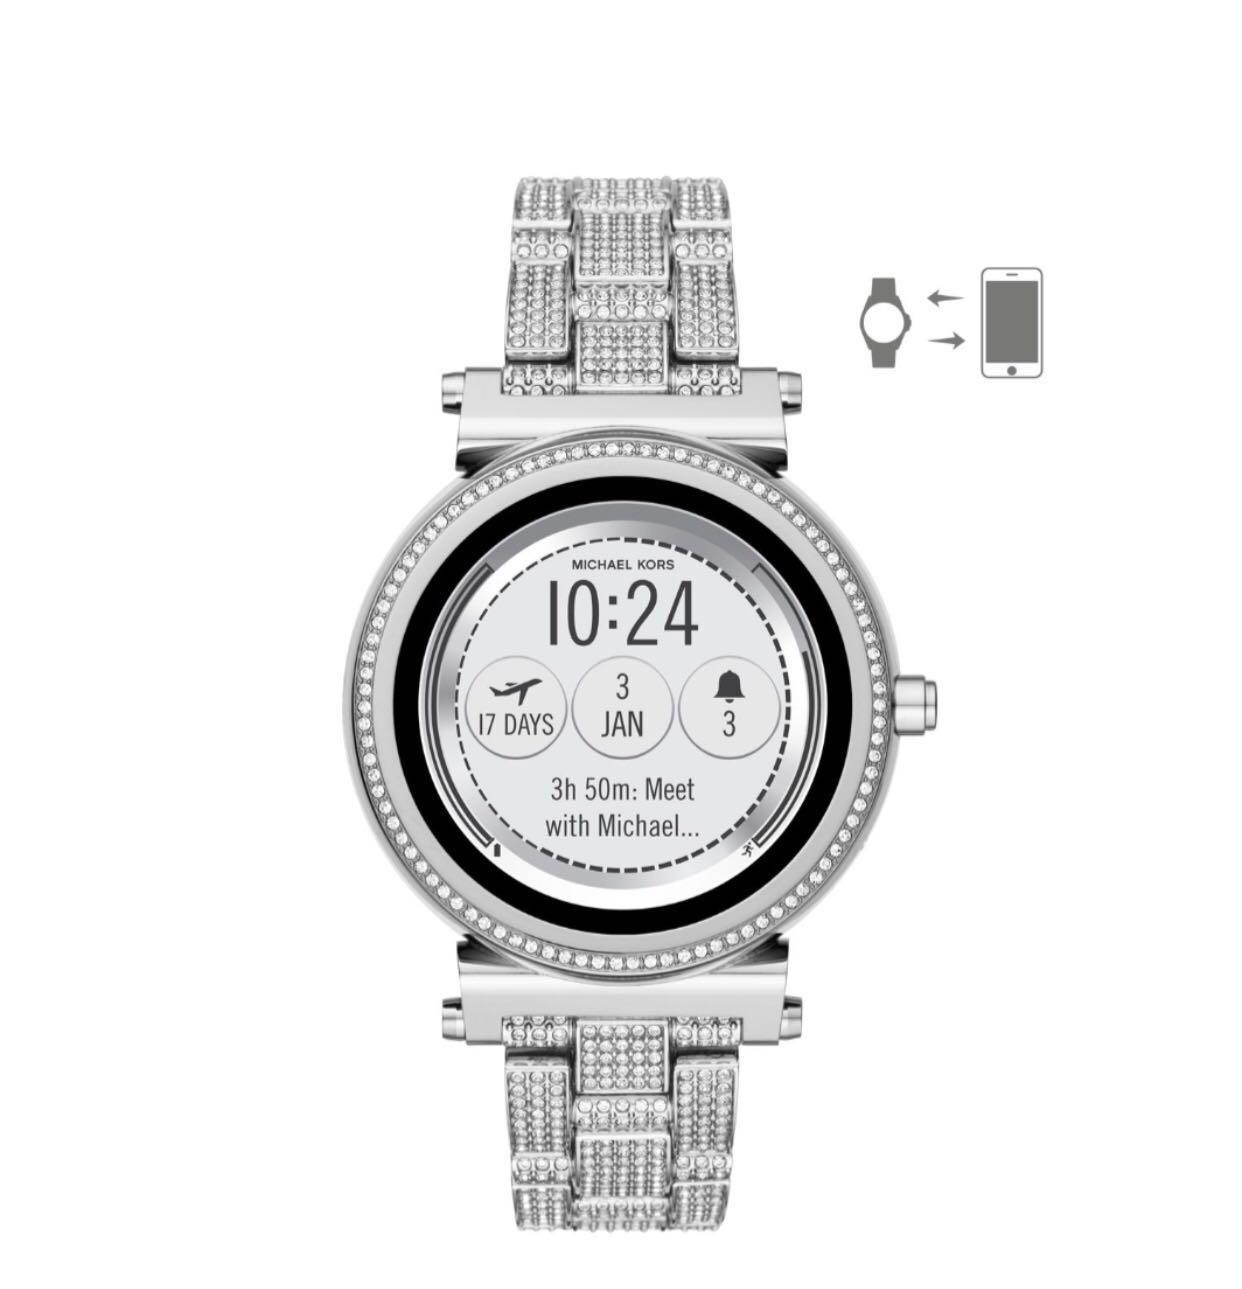 d0098b290a57 Michael Kors Smart Watch MKT 5024